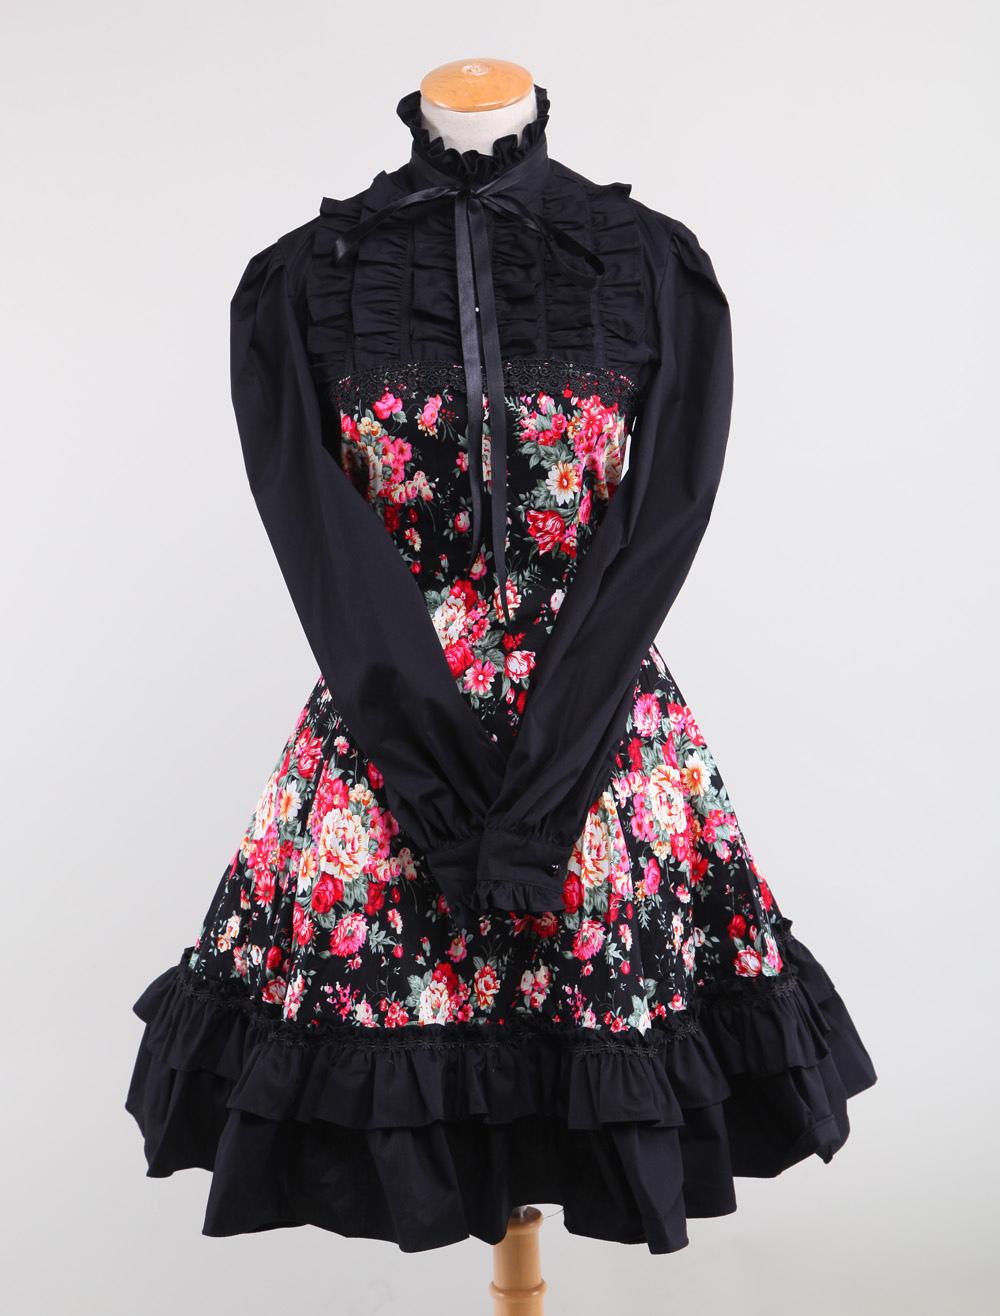 Lolitashow Schwarzes Lolita Kleid mit langen Ärmeln und schönen ...